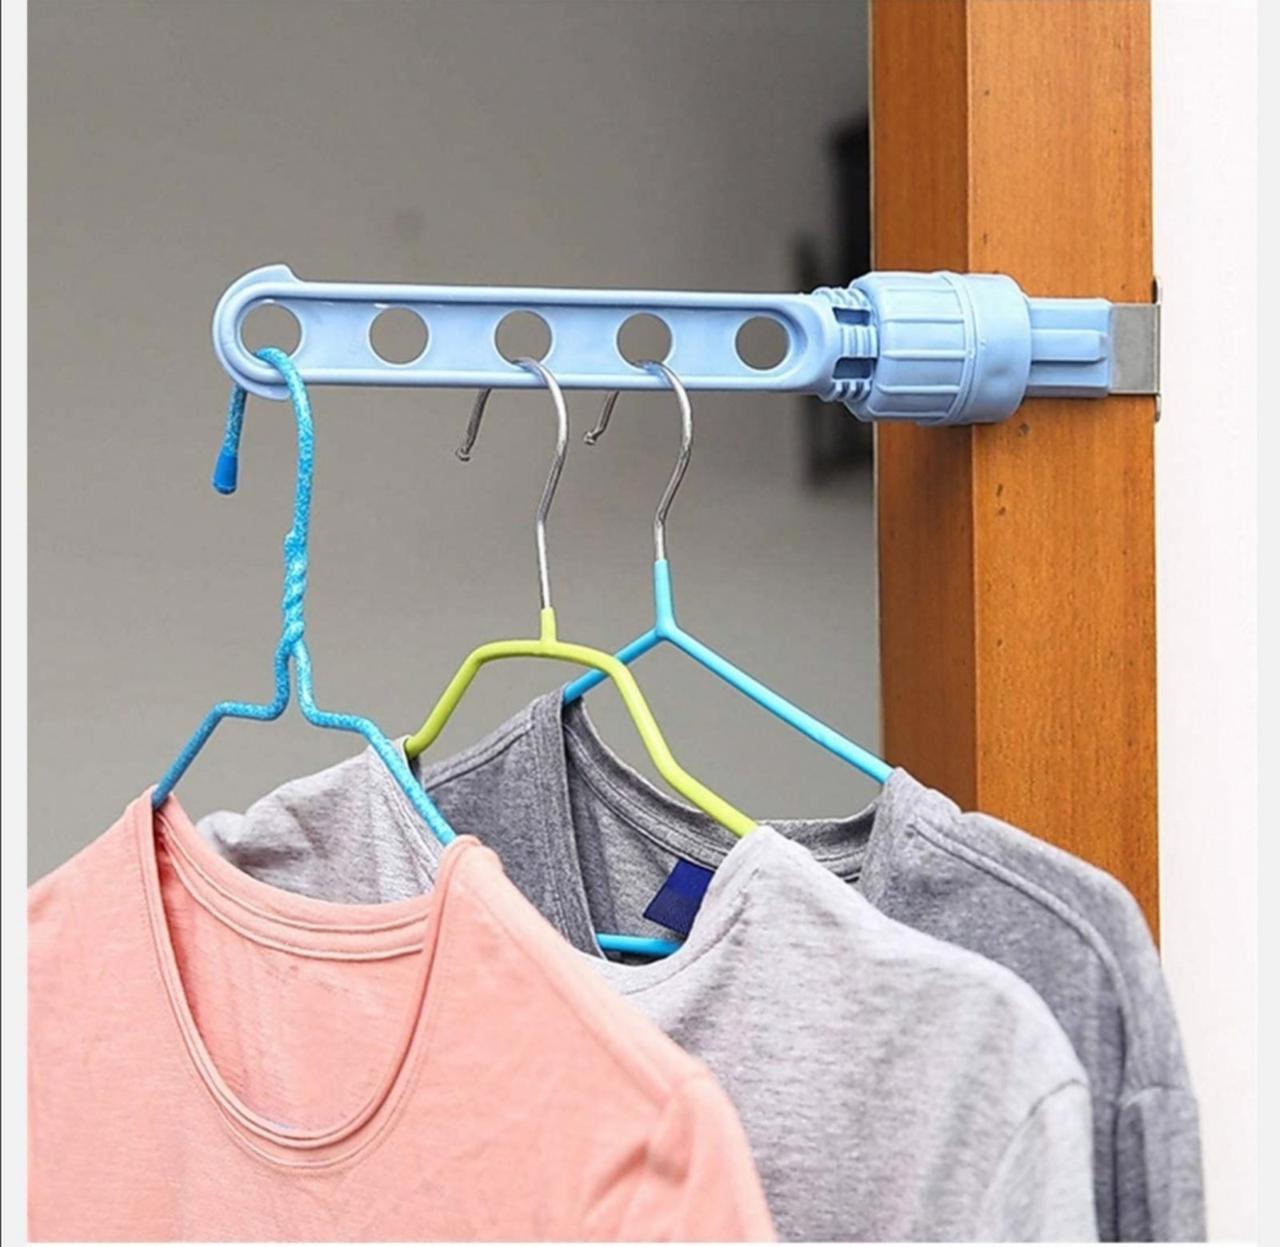 Чудо-вешалка органайзер для хранения и сушки одежды с боковым креплением голубого цвета